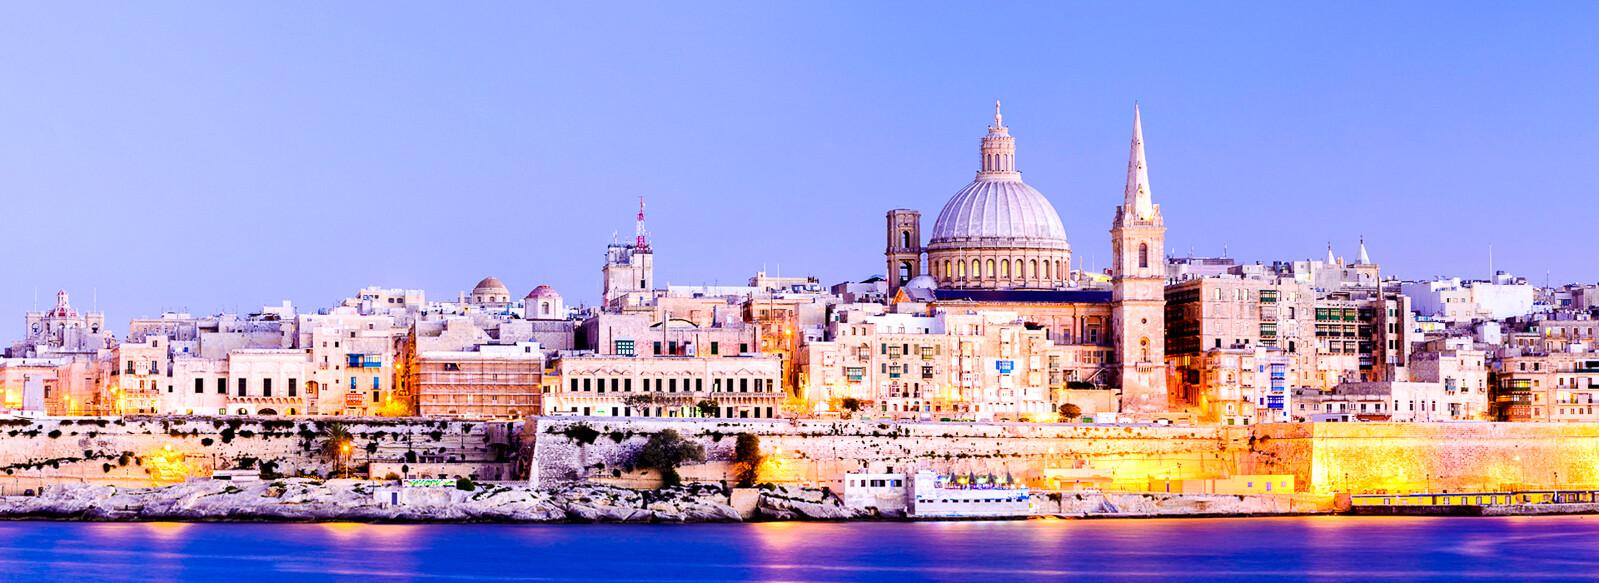 マルタ 共和国 コロナ